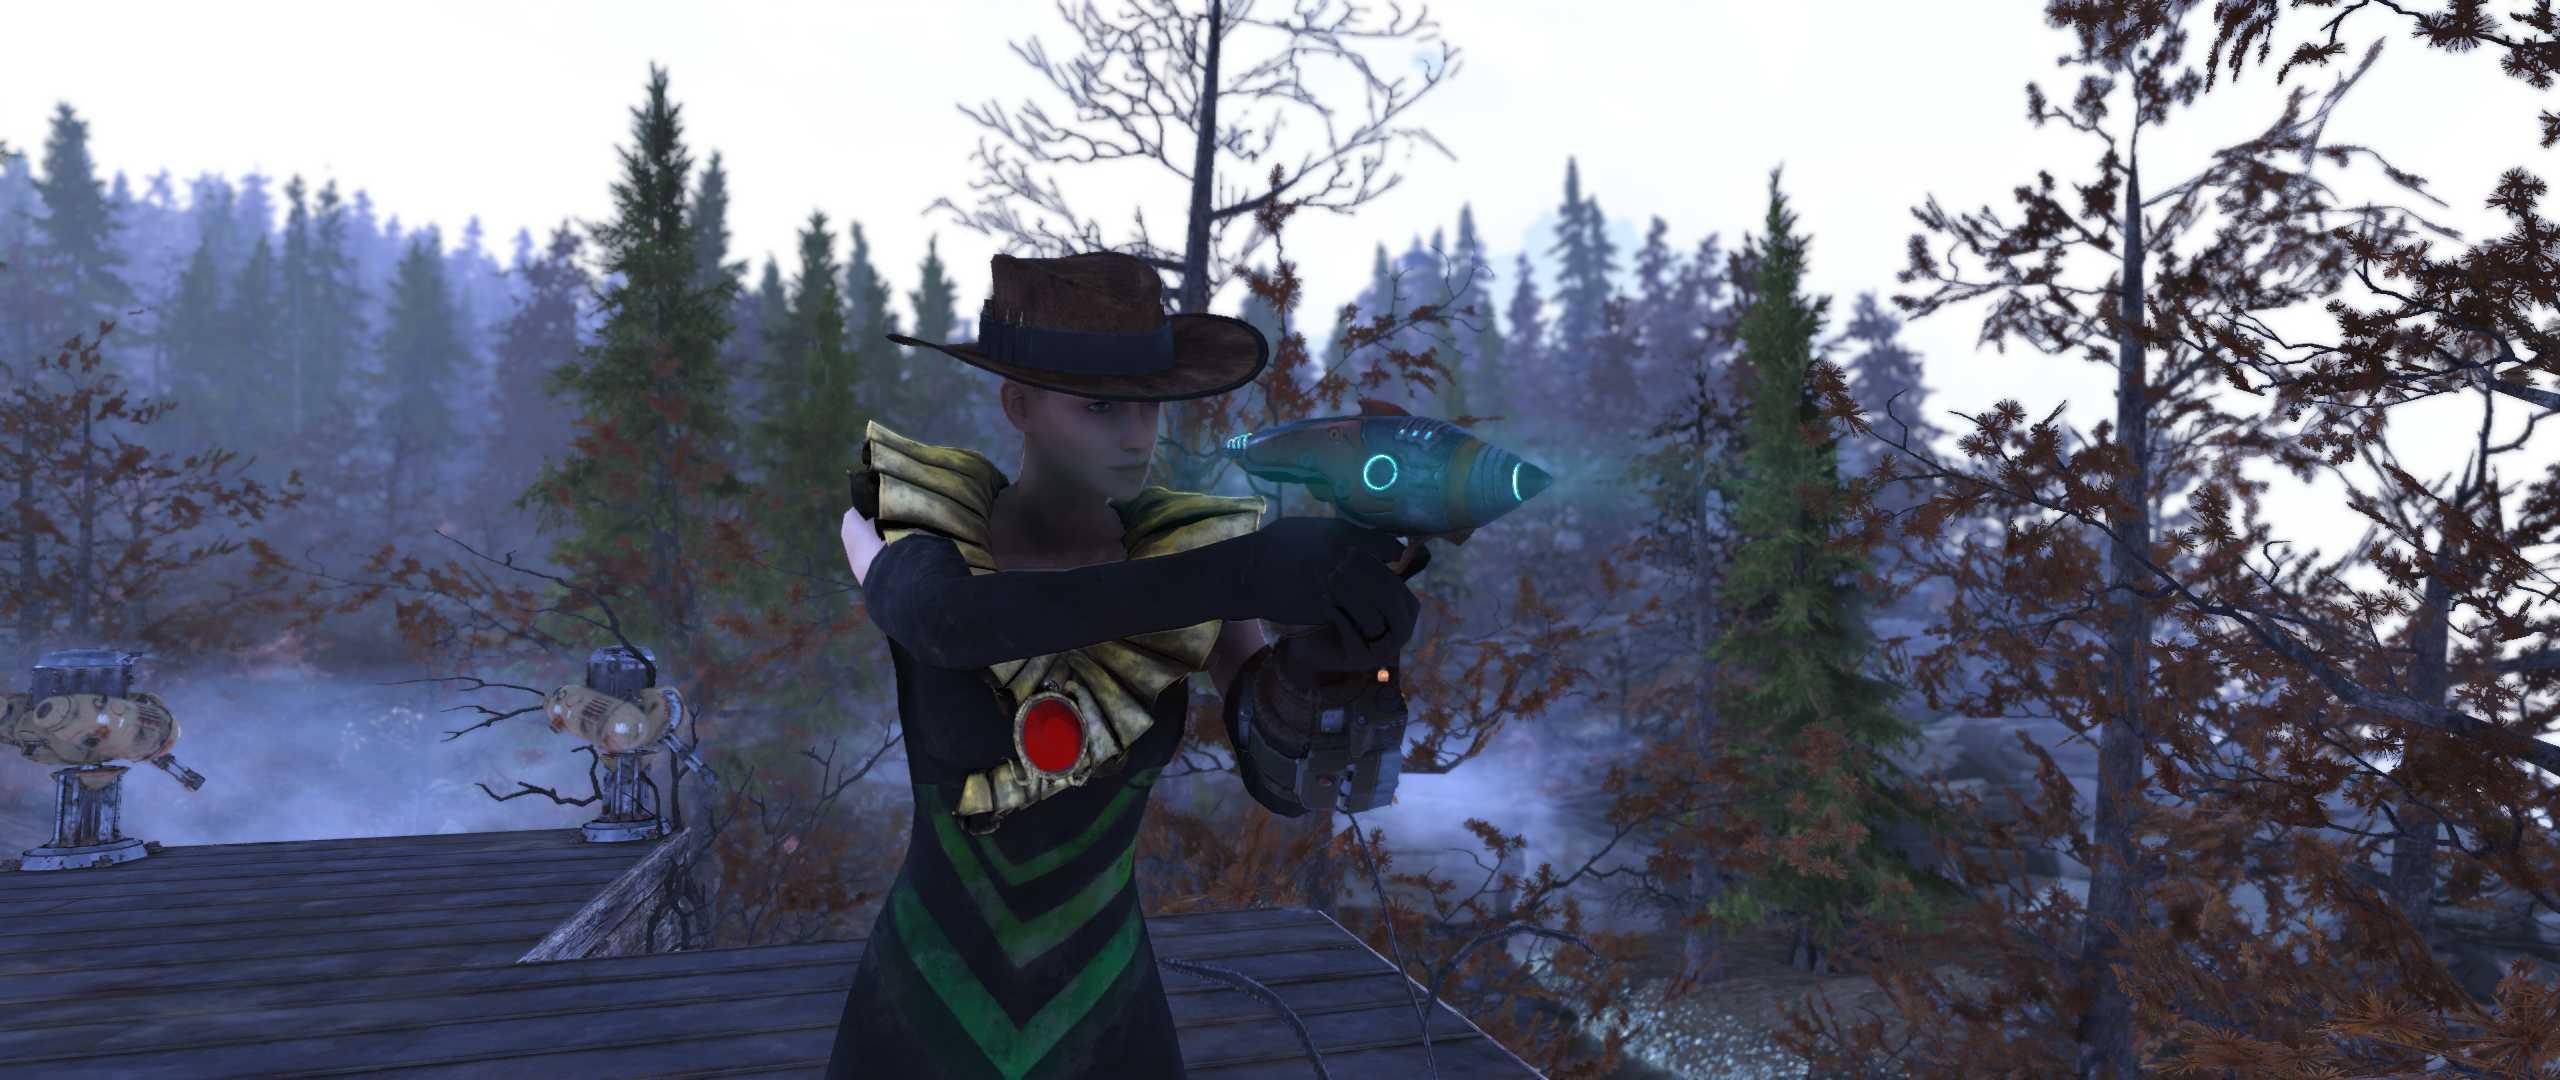 Fallout 76 Alien Blaster